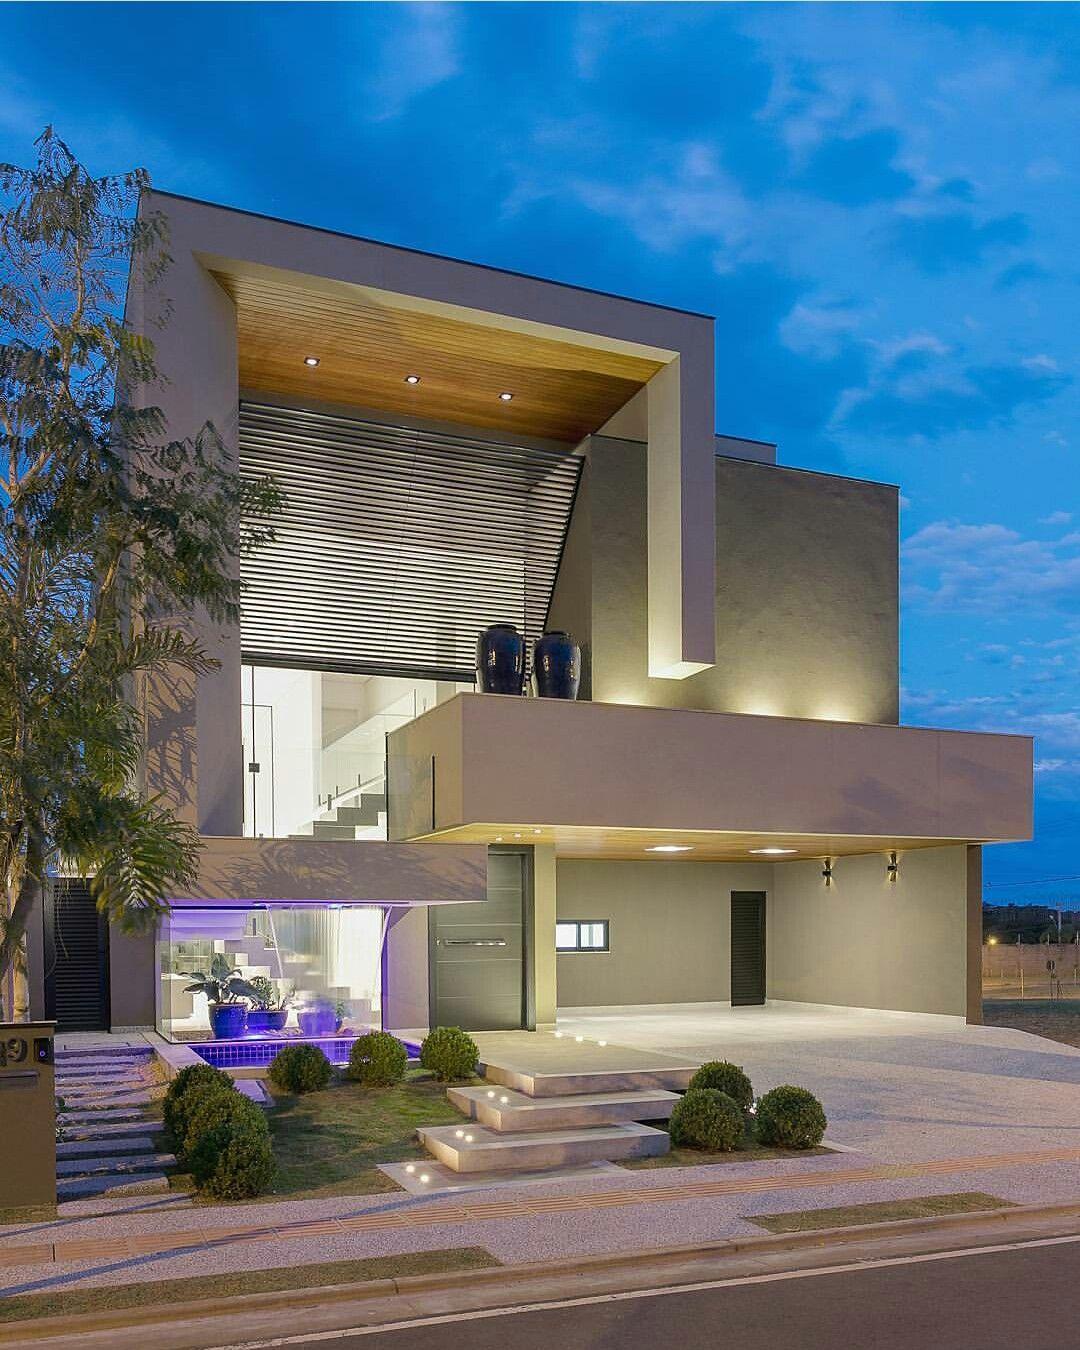 Pin von Ricky 3414 auf modern exteriors | Pinterest | Moderne häuser ...